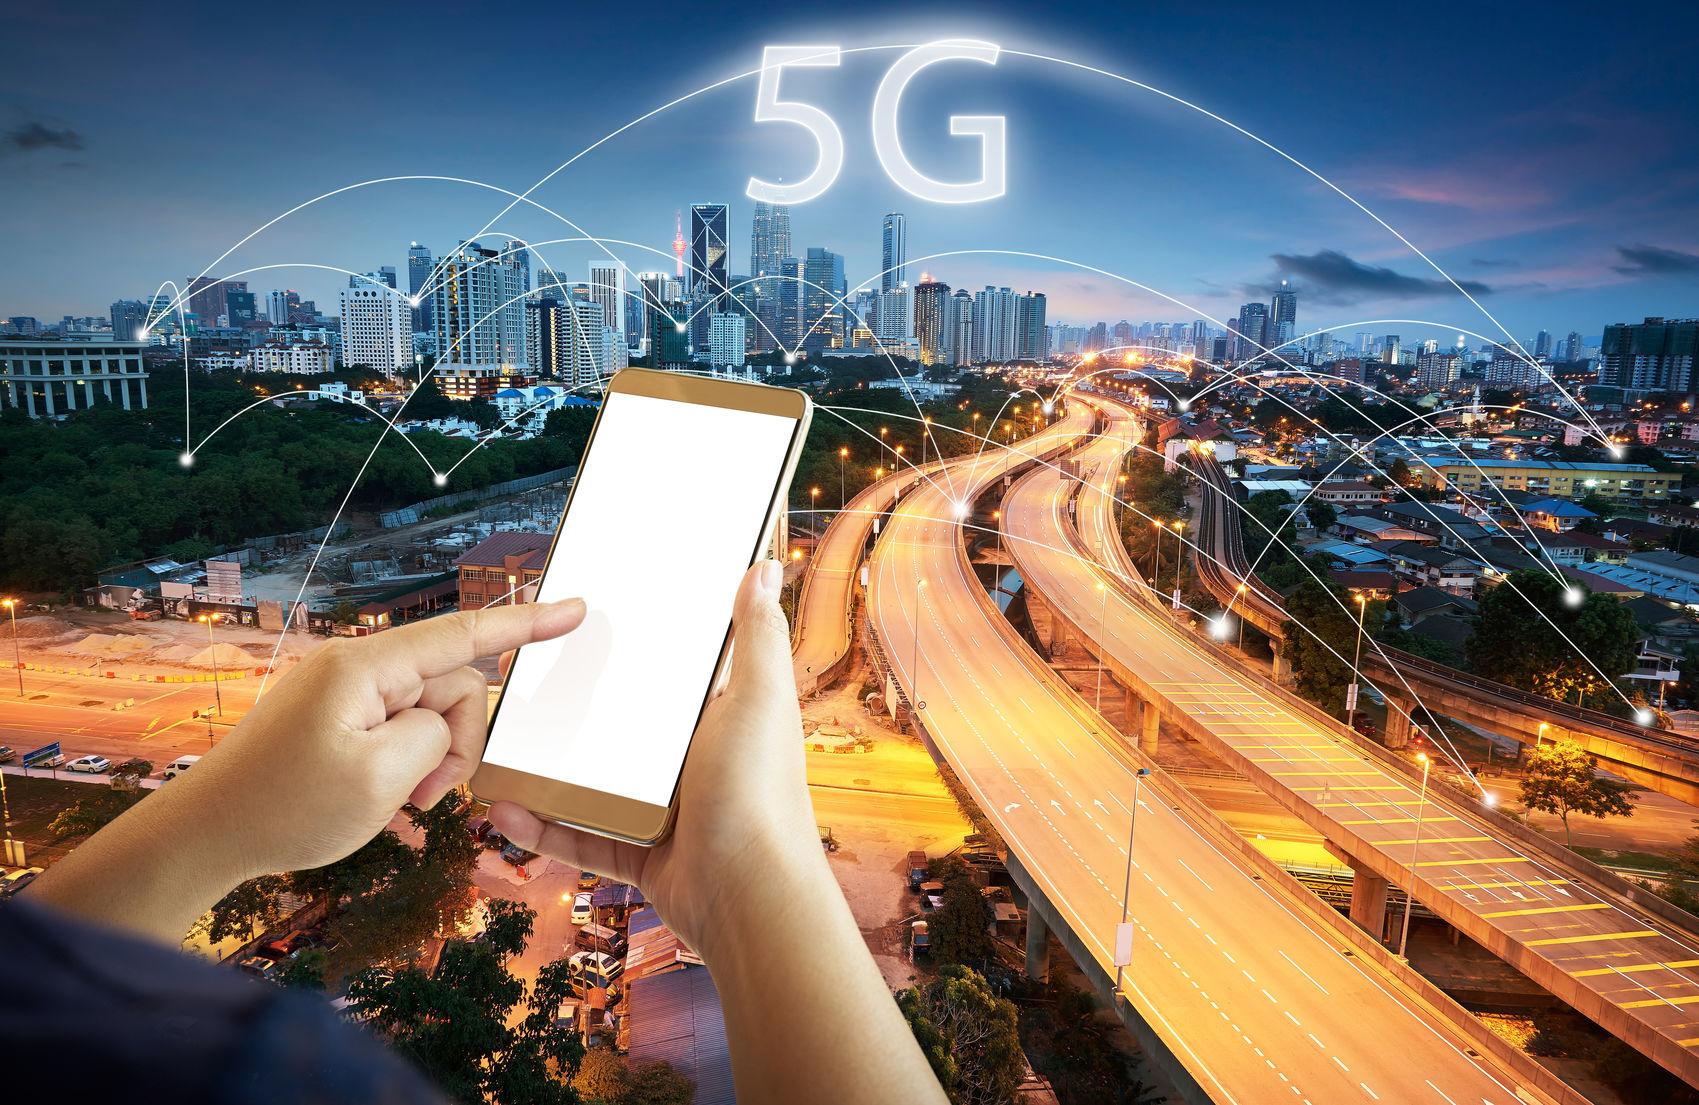 顺络电子:公司在5G产业未来机会较多